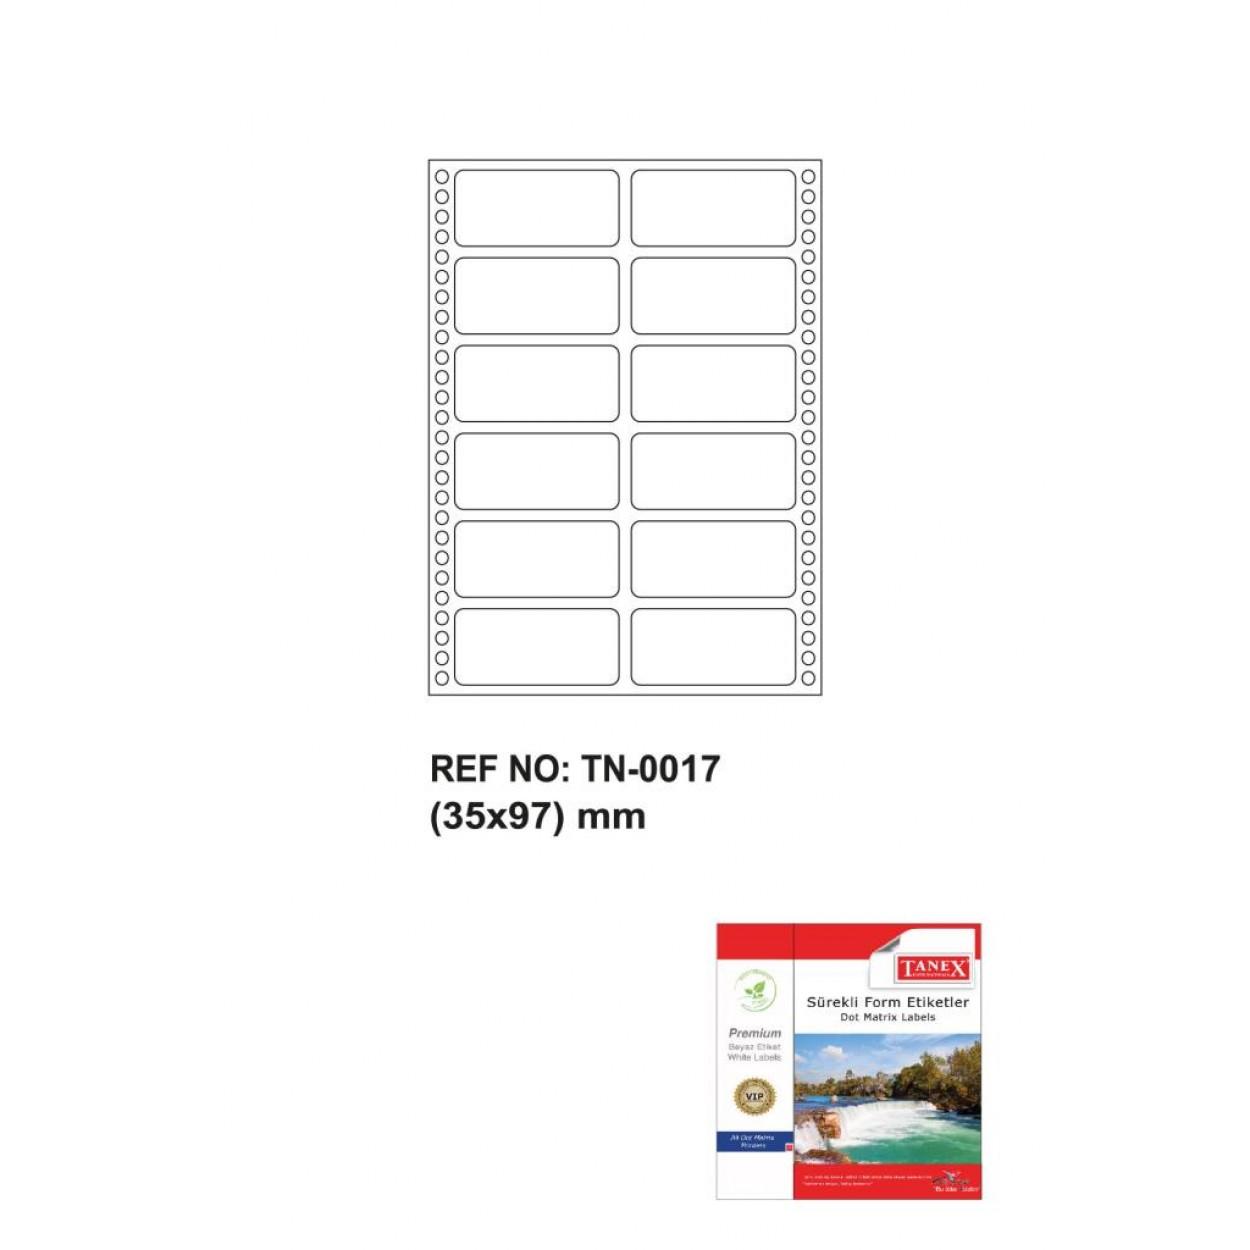 Tanex Tn-0017 Sürekli Form Etiketi 35x97mm